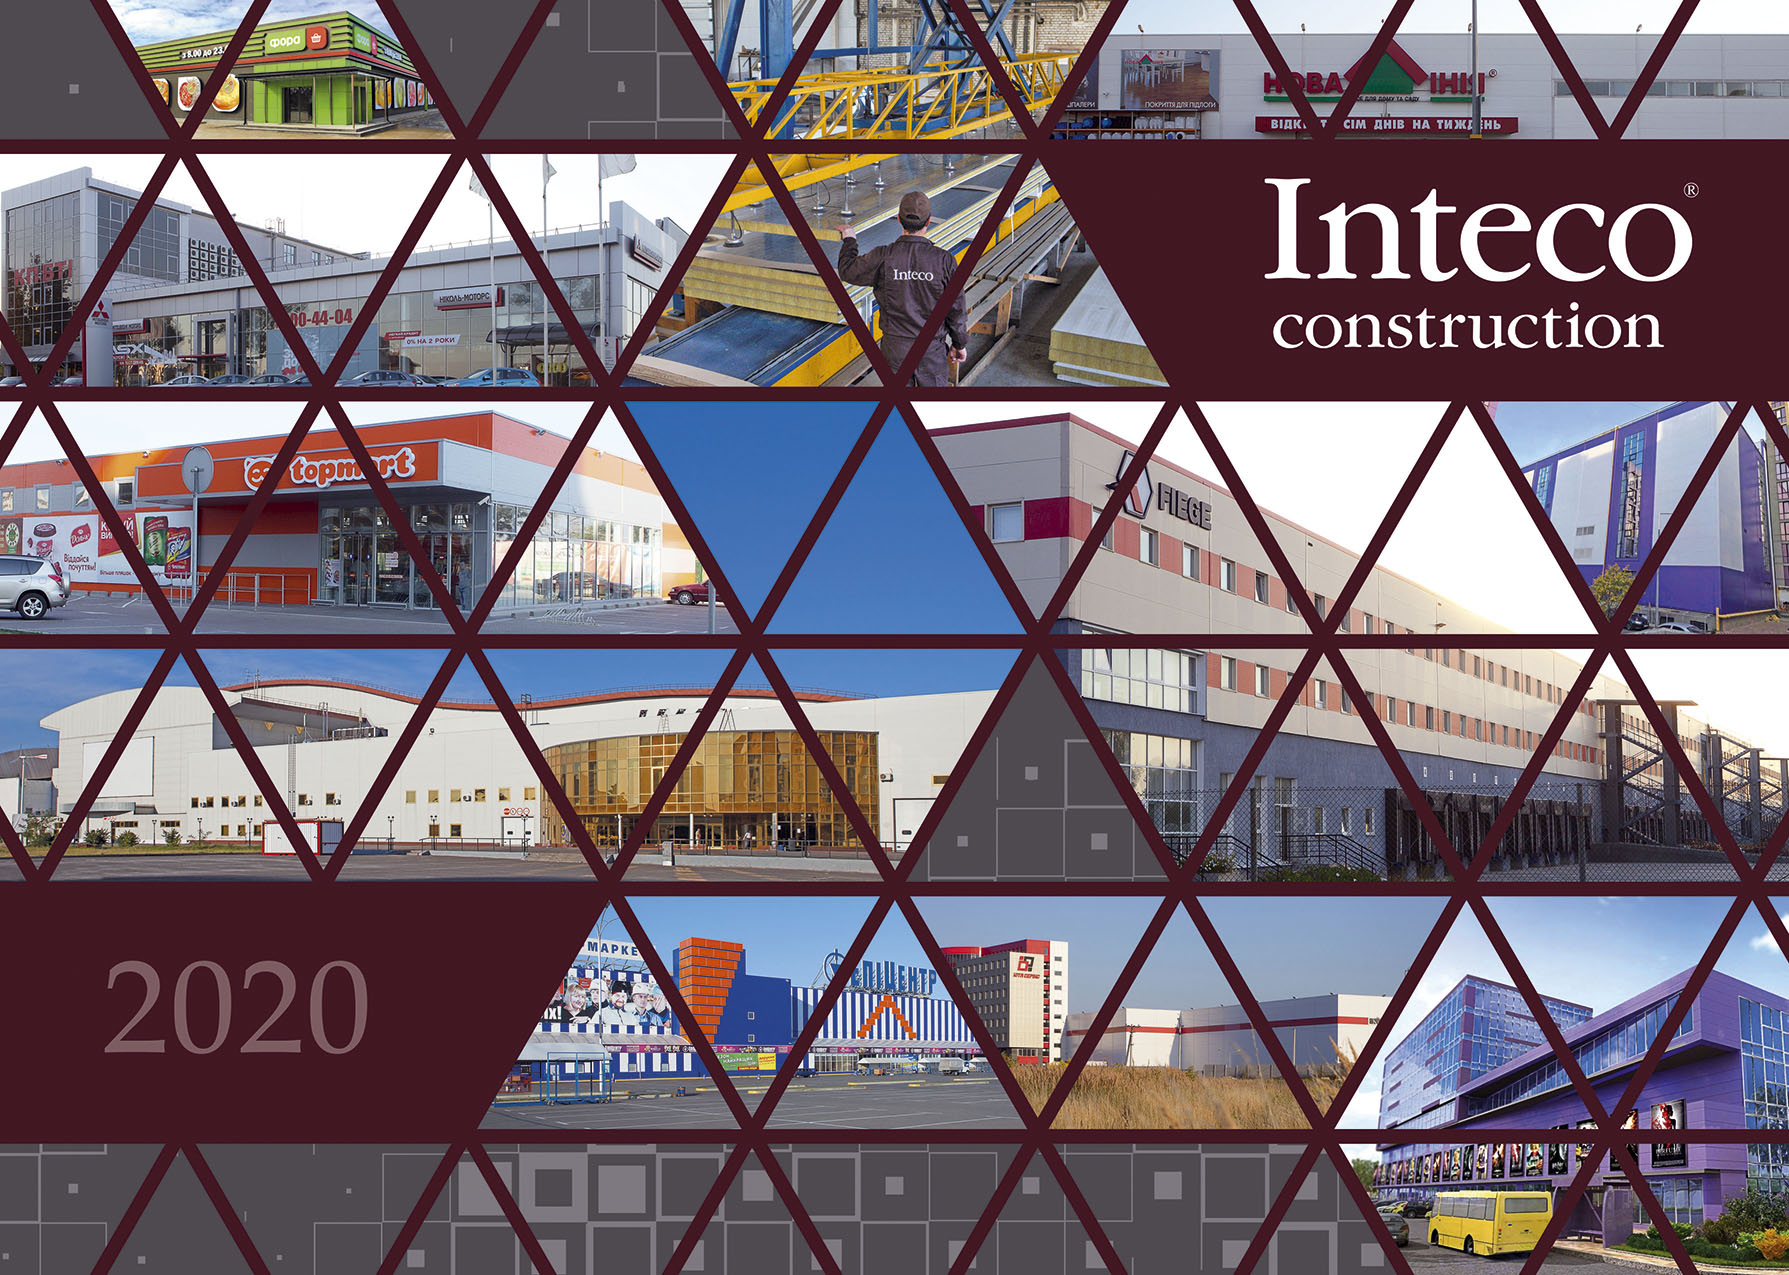 Дизайн квартального календаря завода Inteco вариант №7 www.makety.top